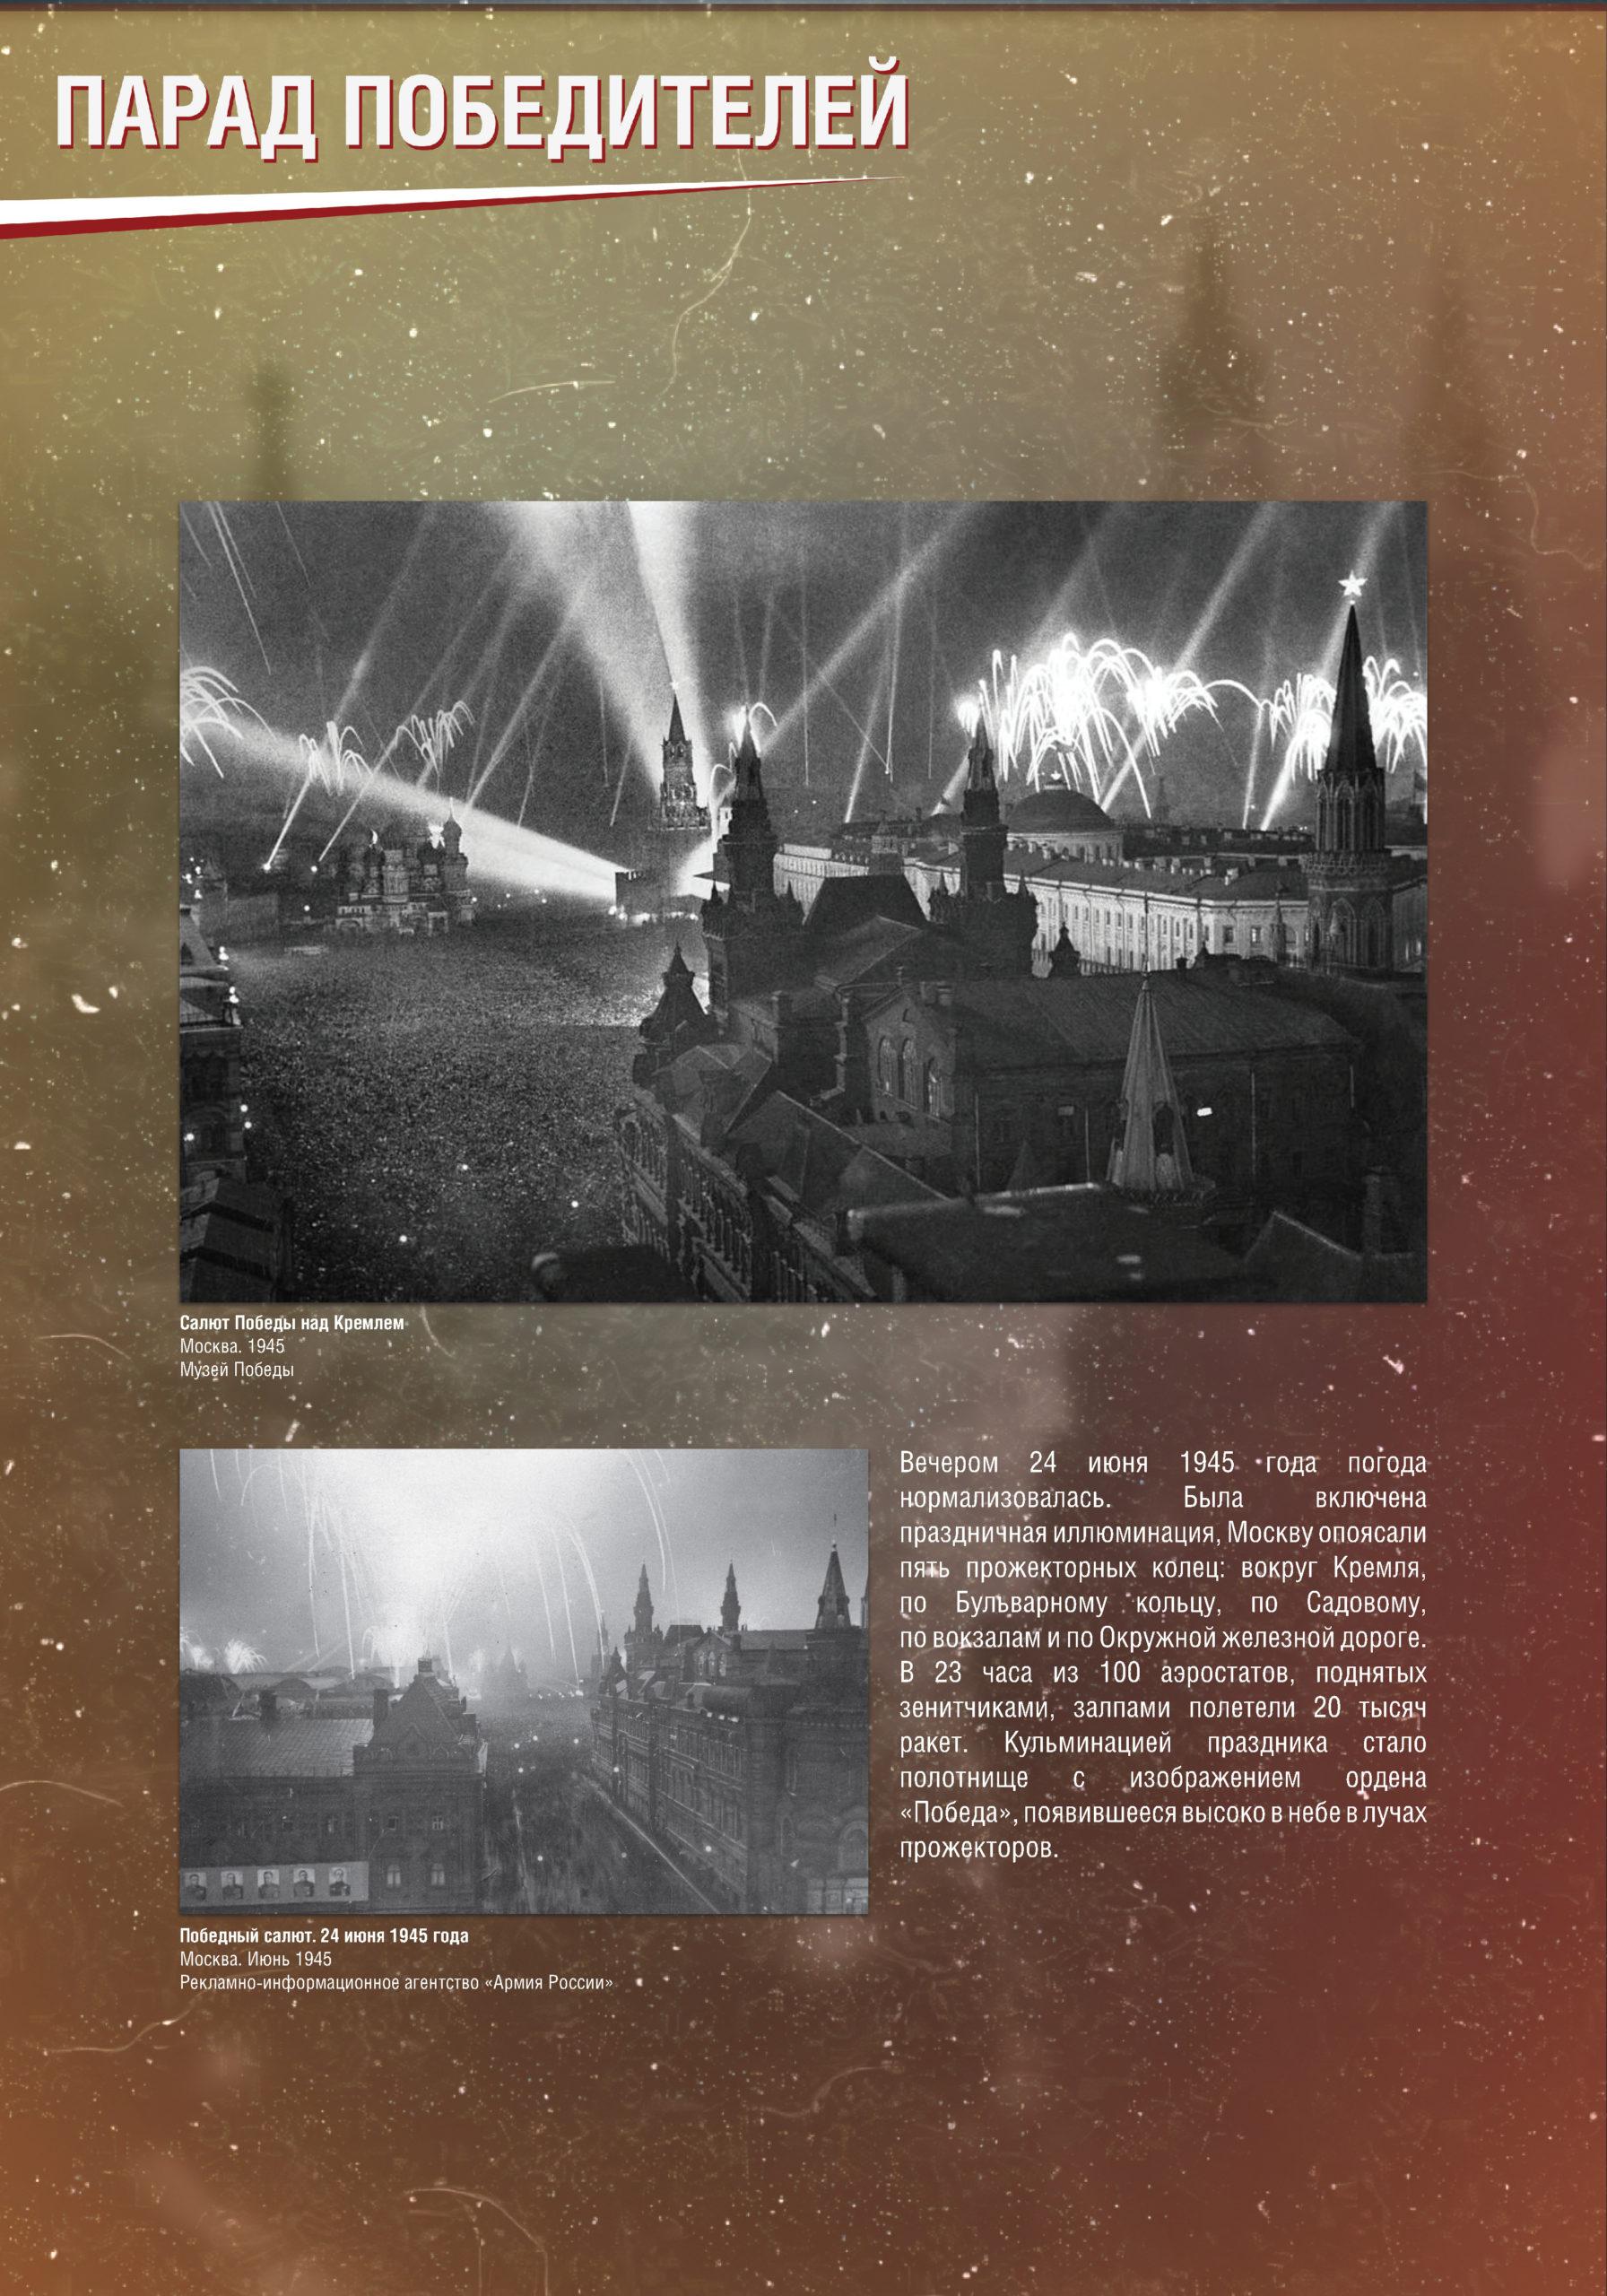 parad_pobediteley_1906_Page24